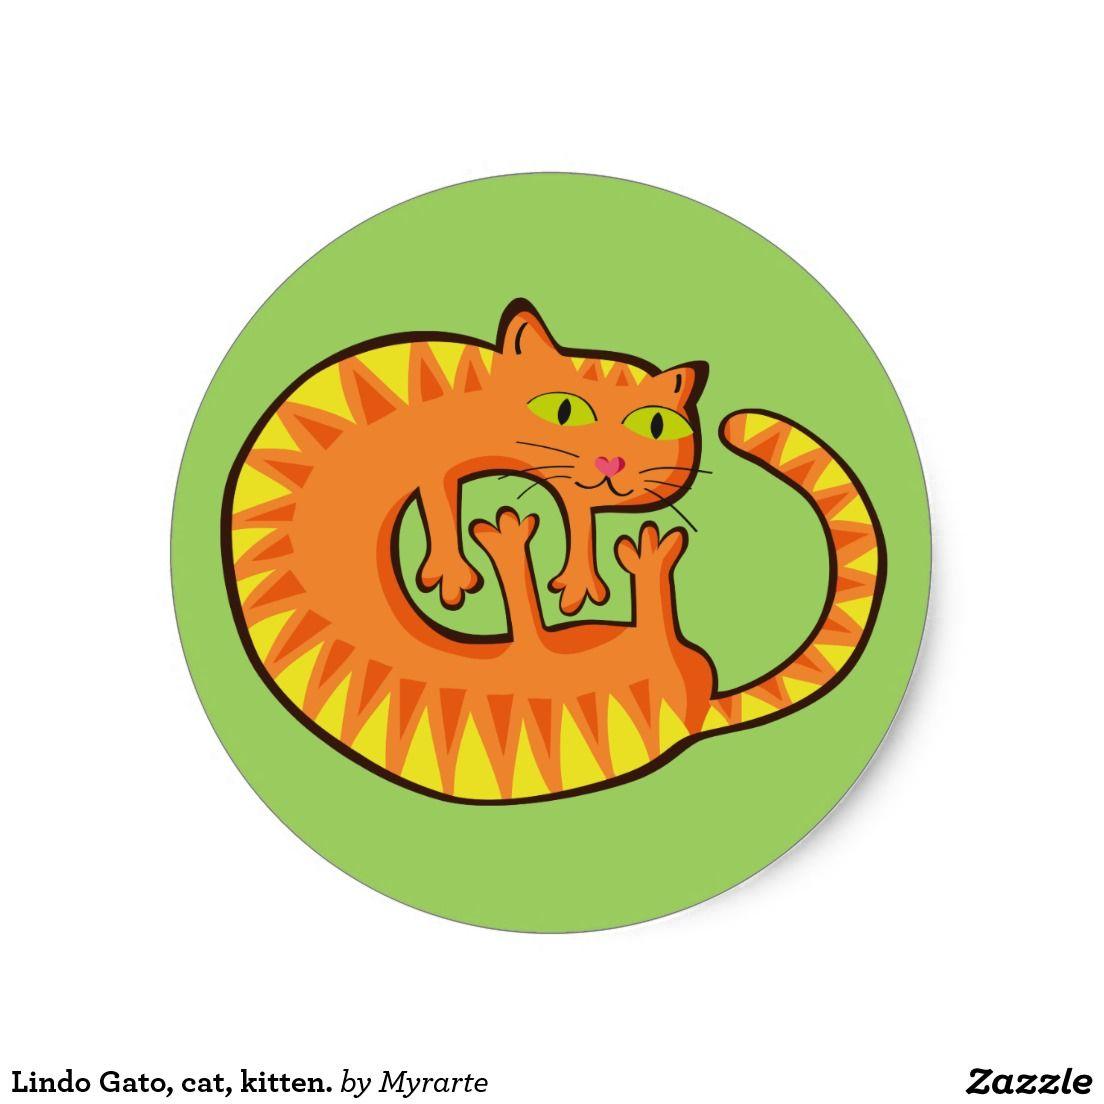 Lindo Gato, cat, gatito. Producto disponible en tienda Zazzle. Product available in Zazzle store. Regalos, Gifts. Link to product: http://www.zazzle.com/lindo_gato_gato_gatito_pegatina_redonda-217975988126454906?lang=es&CMPN=shareicon&social=true&rf=238167879144476949 #sticker #cat #gato #kitten